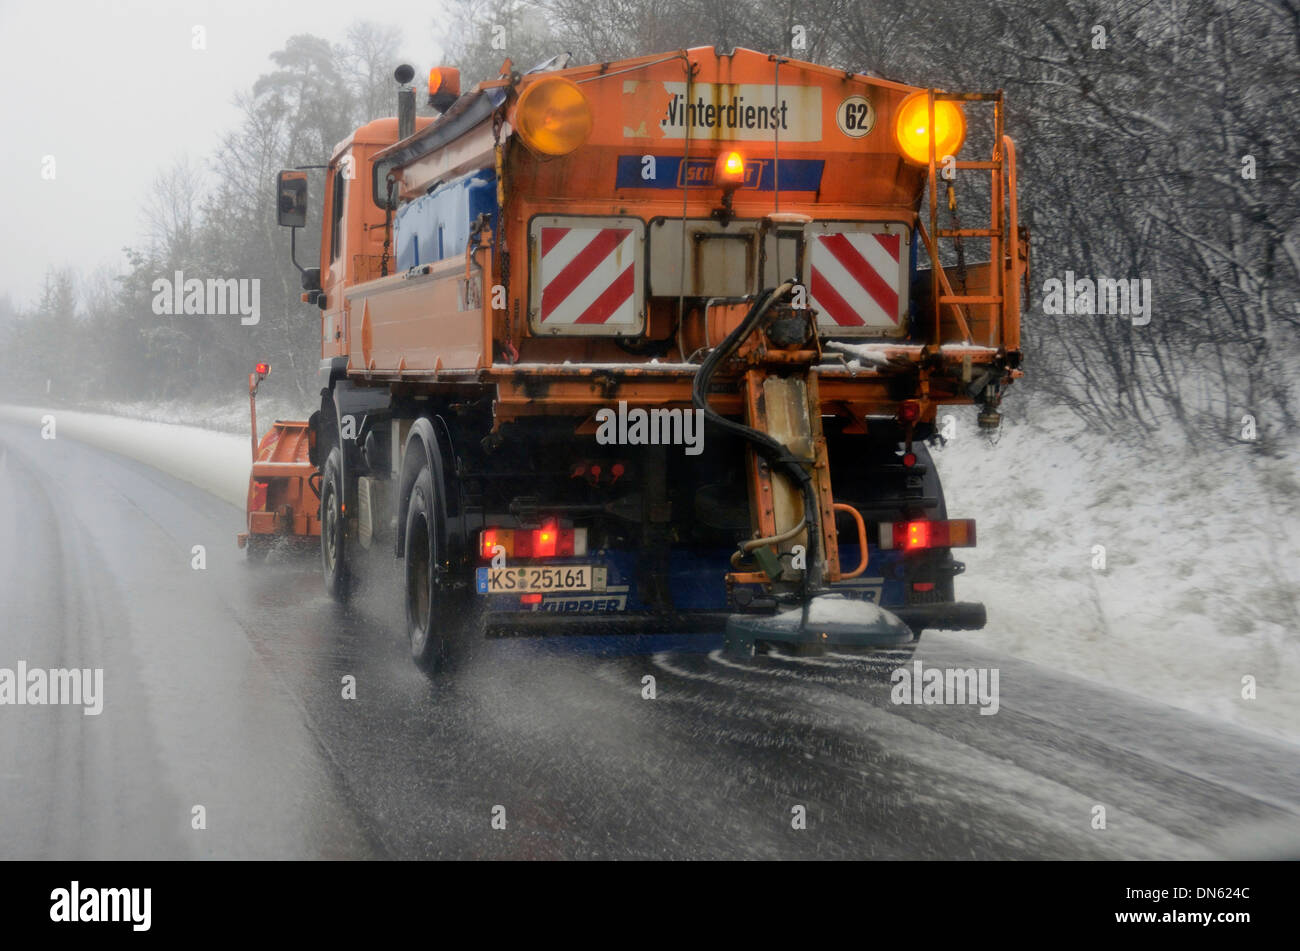 winter service fahrzeug streuen von salz auf einer autobahn deutschland stockfoto bild. Black Bedroom Furniture Sets. Home Design Ideas